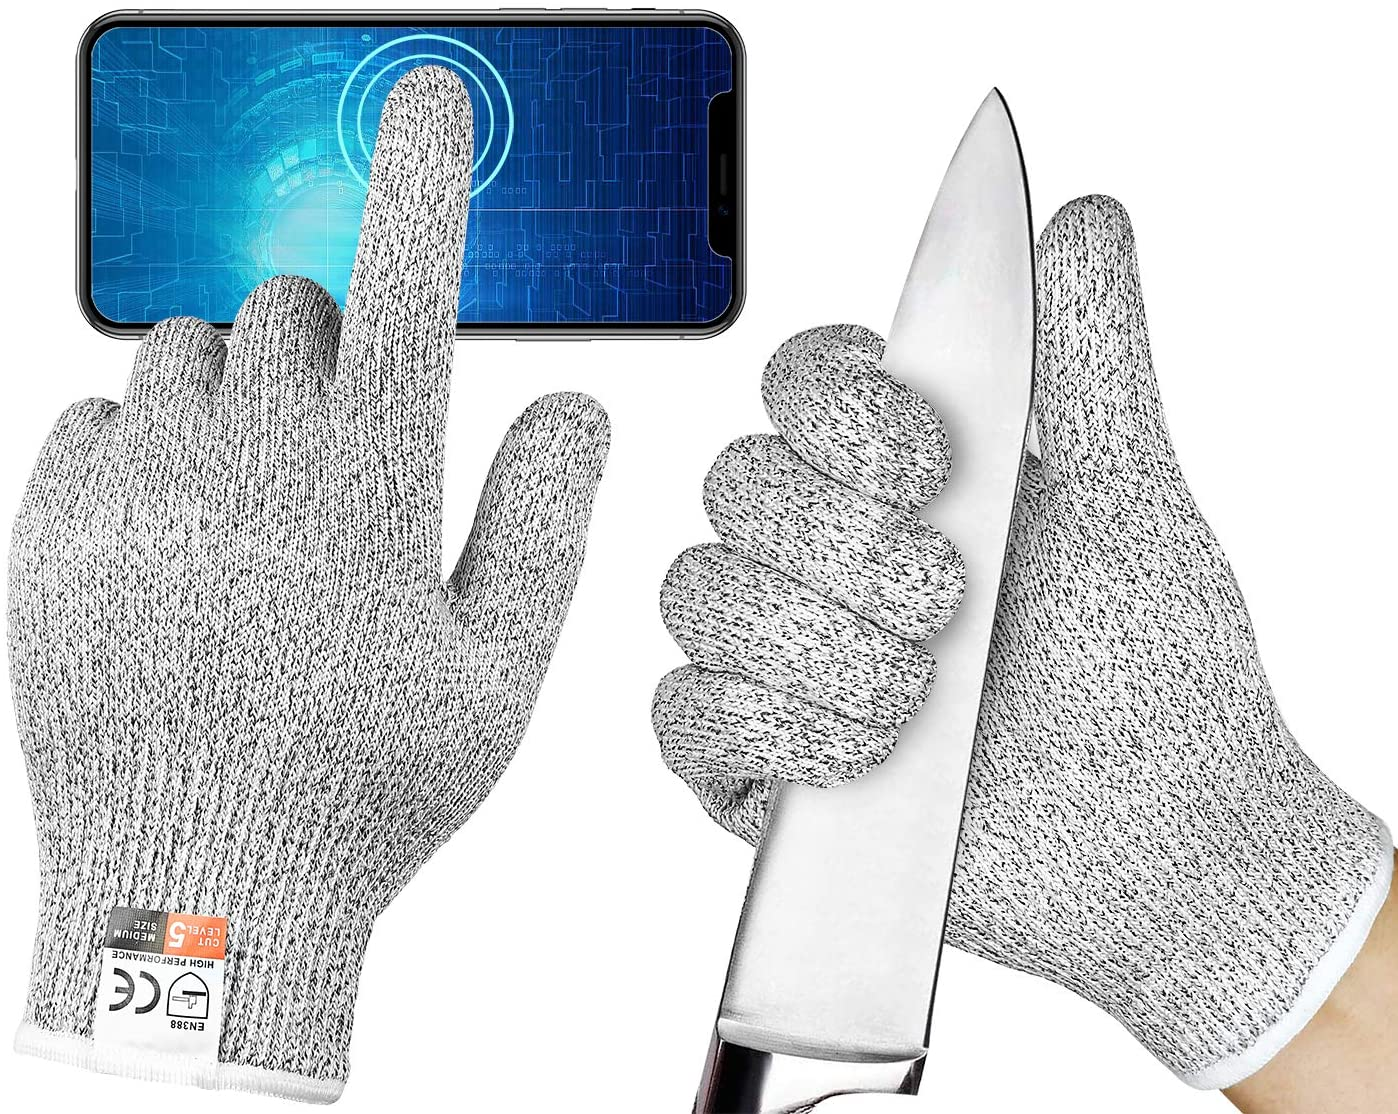 Achiou Cut Resistant Gloves Cutting Kitchen Work Safety Gloves Kevlar Gloves for Kitchen Mandala Slicer Vegetable Slice Fruit Peeling Wood Carving Garden